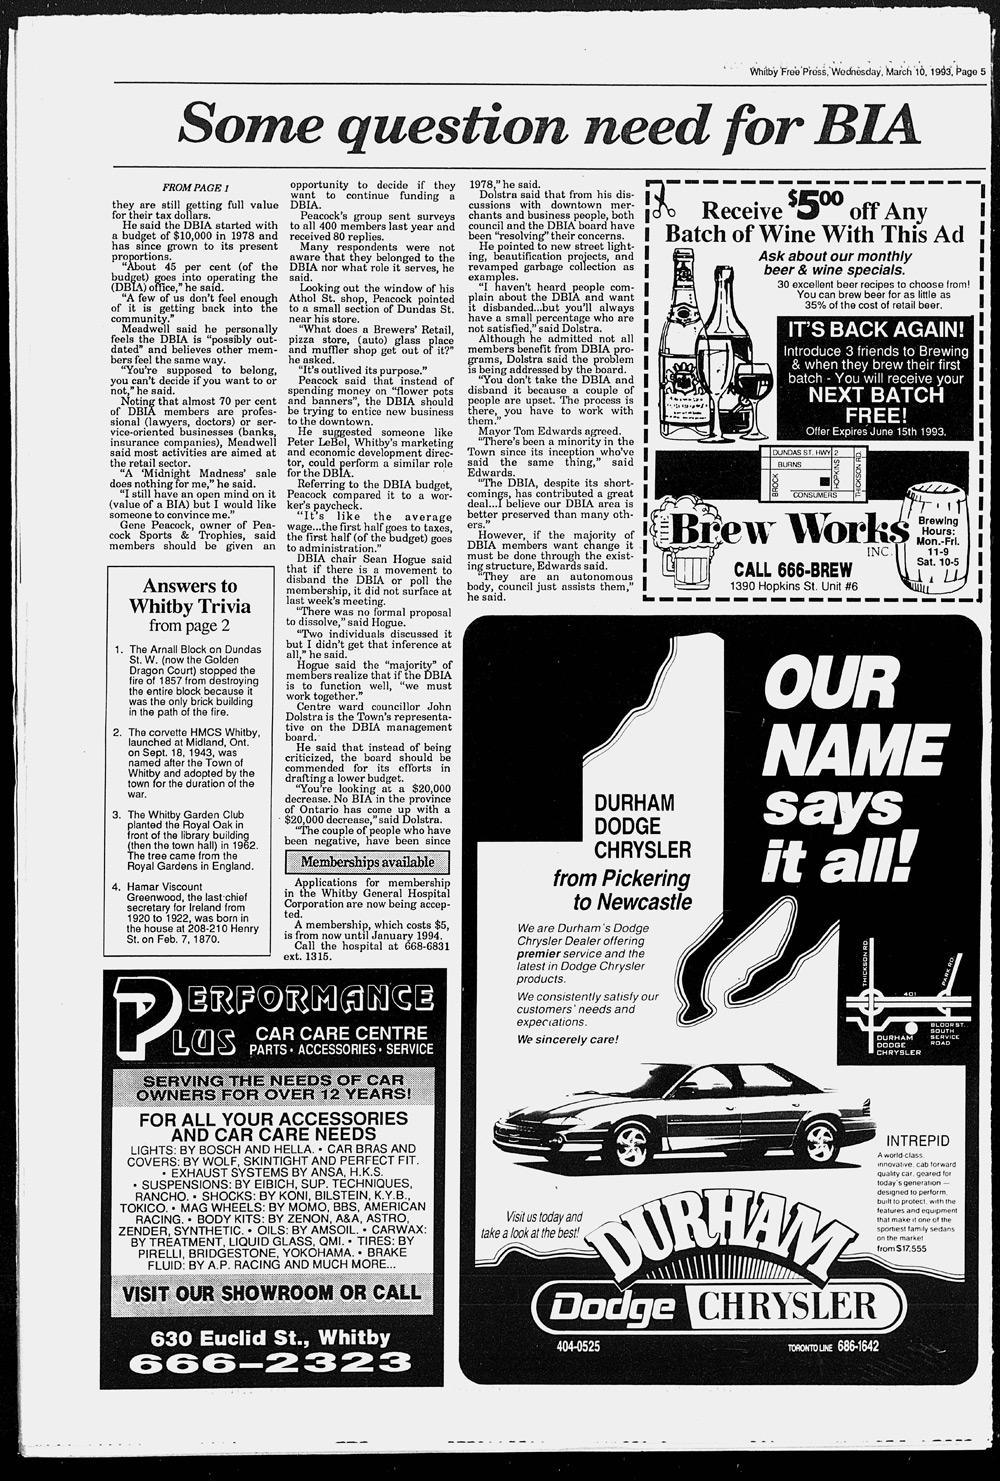 Whitby Free Press, 10 Mar 1993